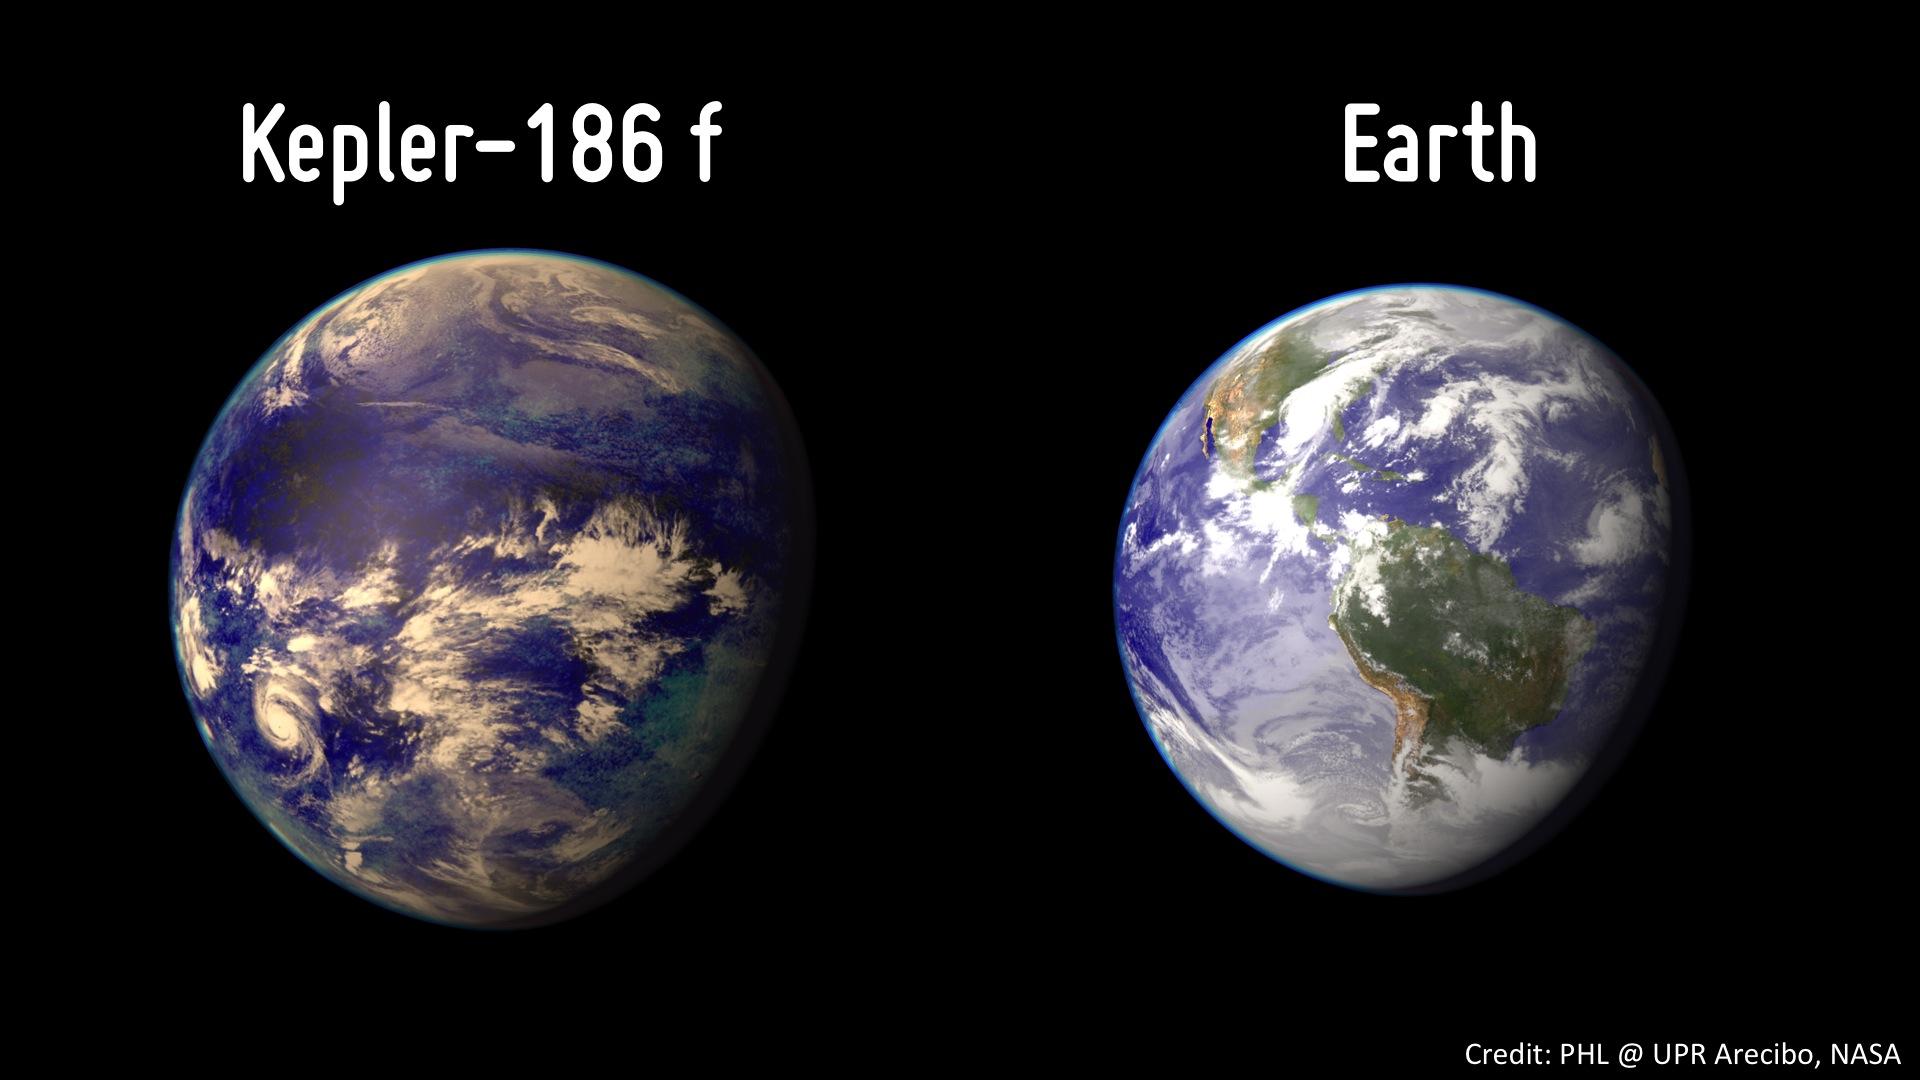 jq5350213f Ученые впервые обнаружили похожую на Землю планету